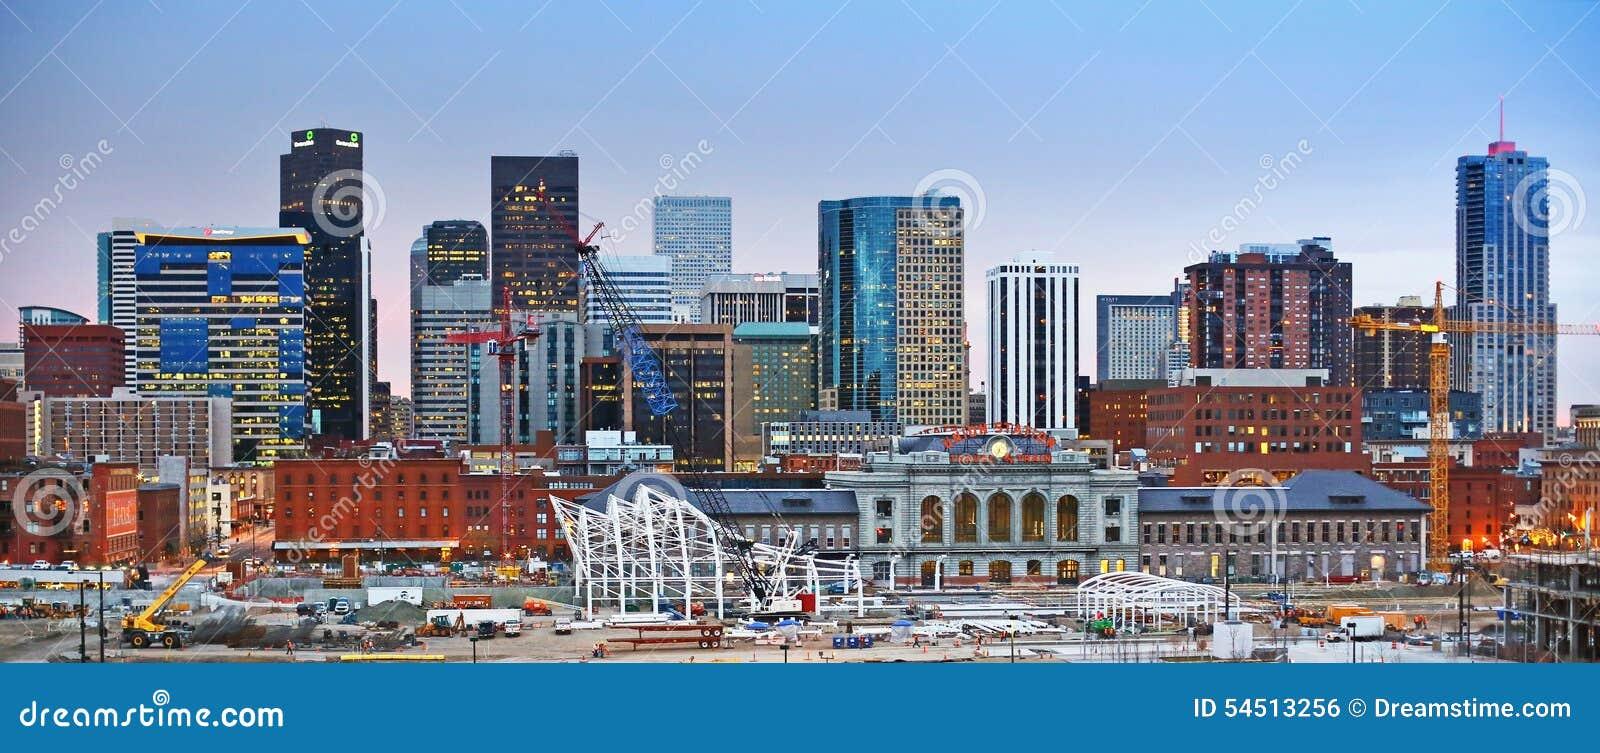 Горизонт Денвера Колорадо городской на заходе солнца